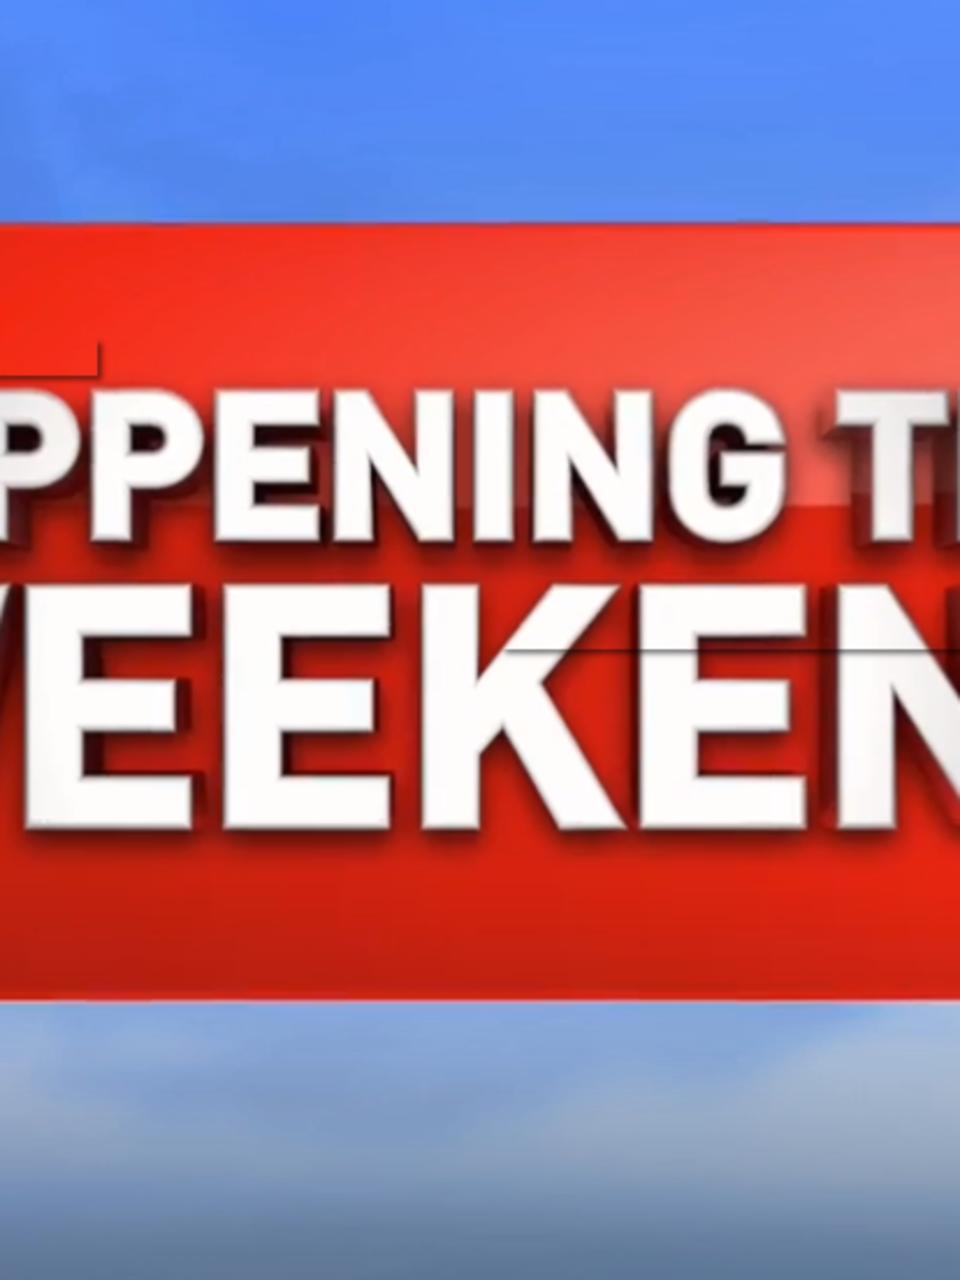 Weekend events around Northern Nevada   KRNV